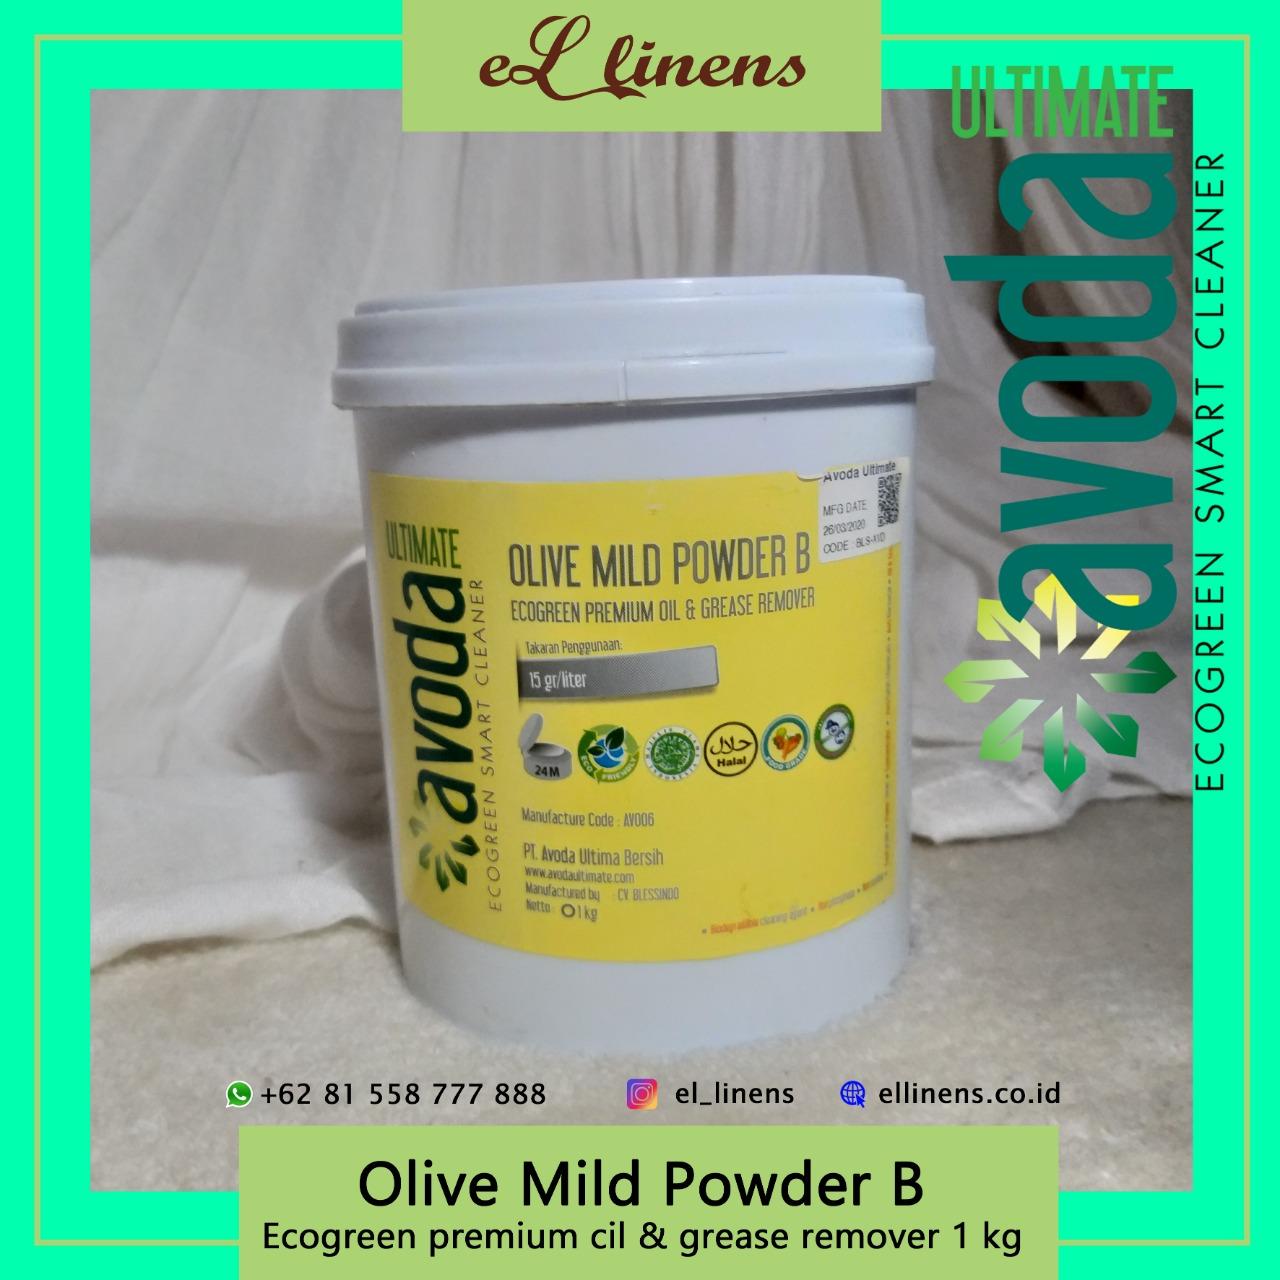 Olive Mild Powder - B